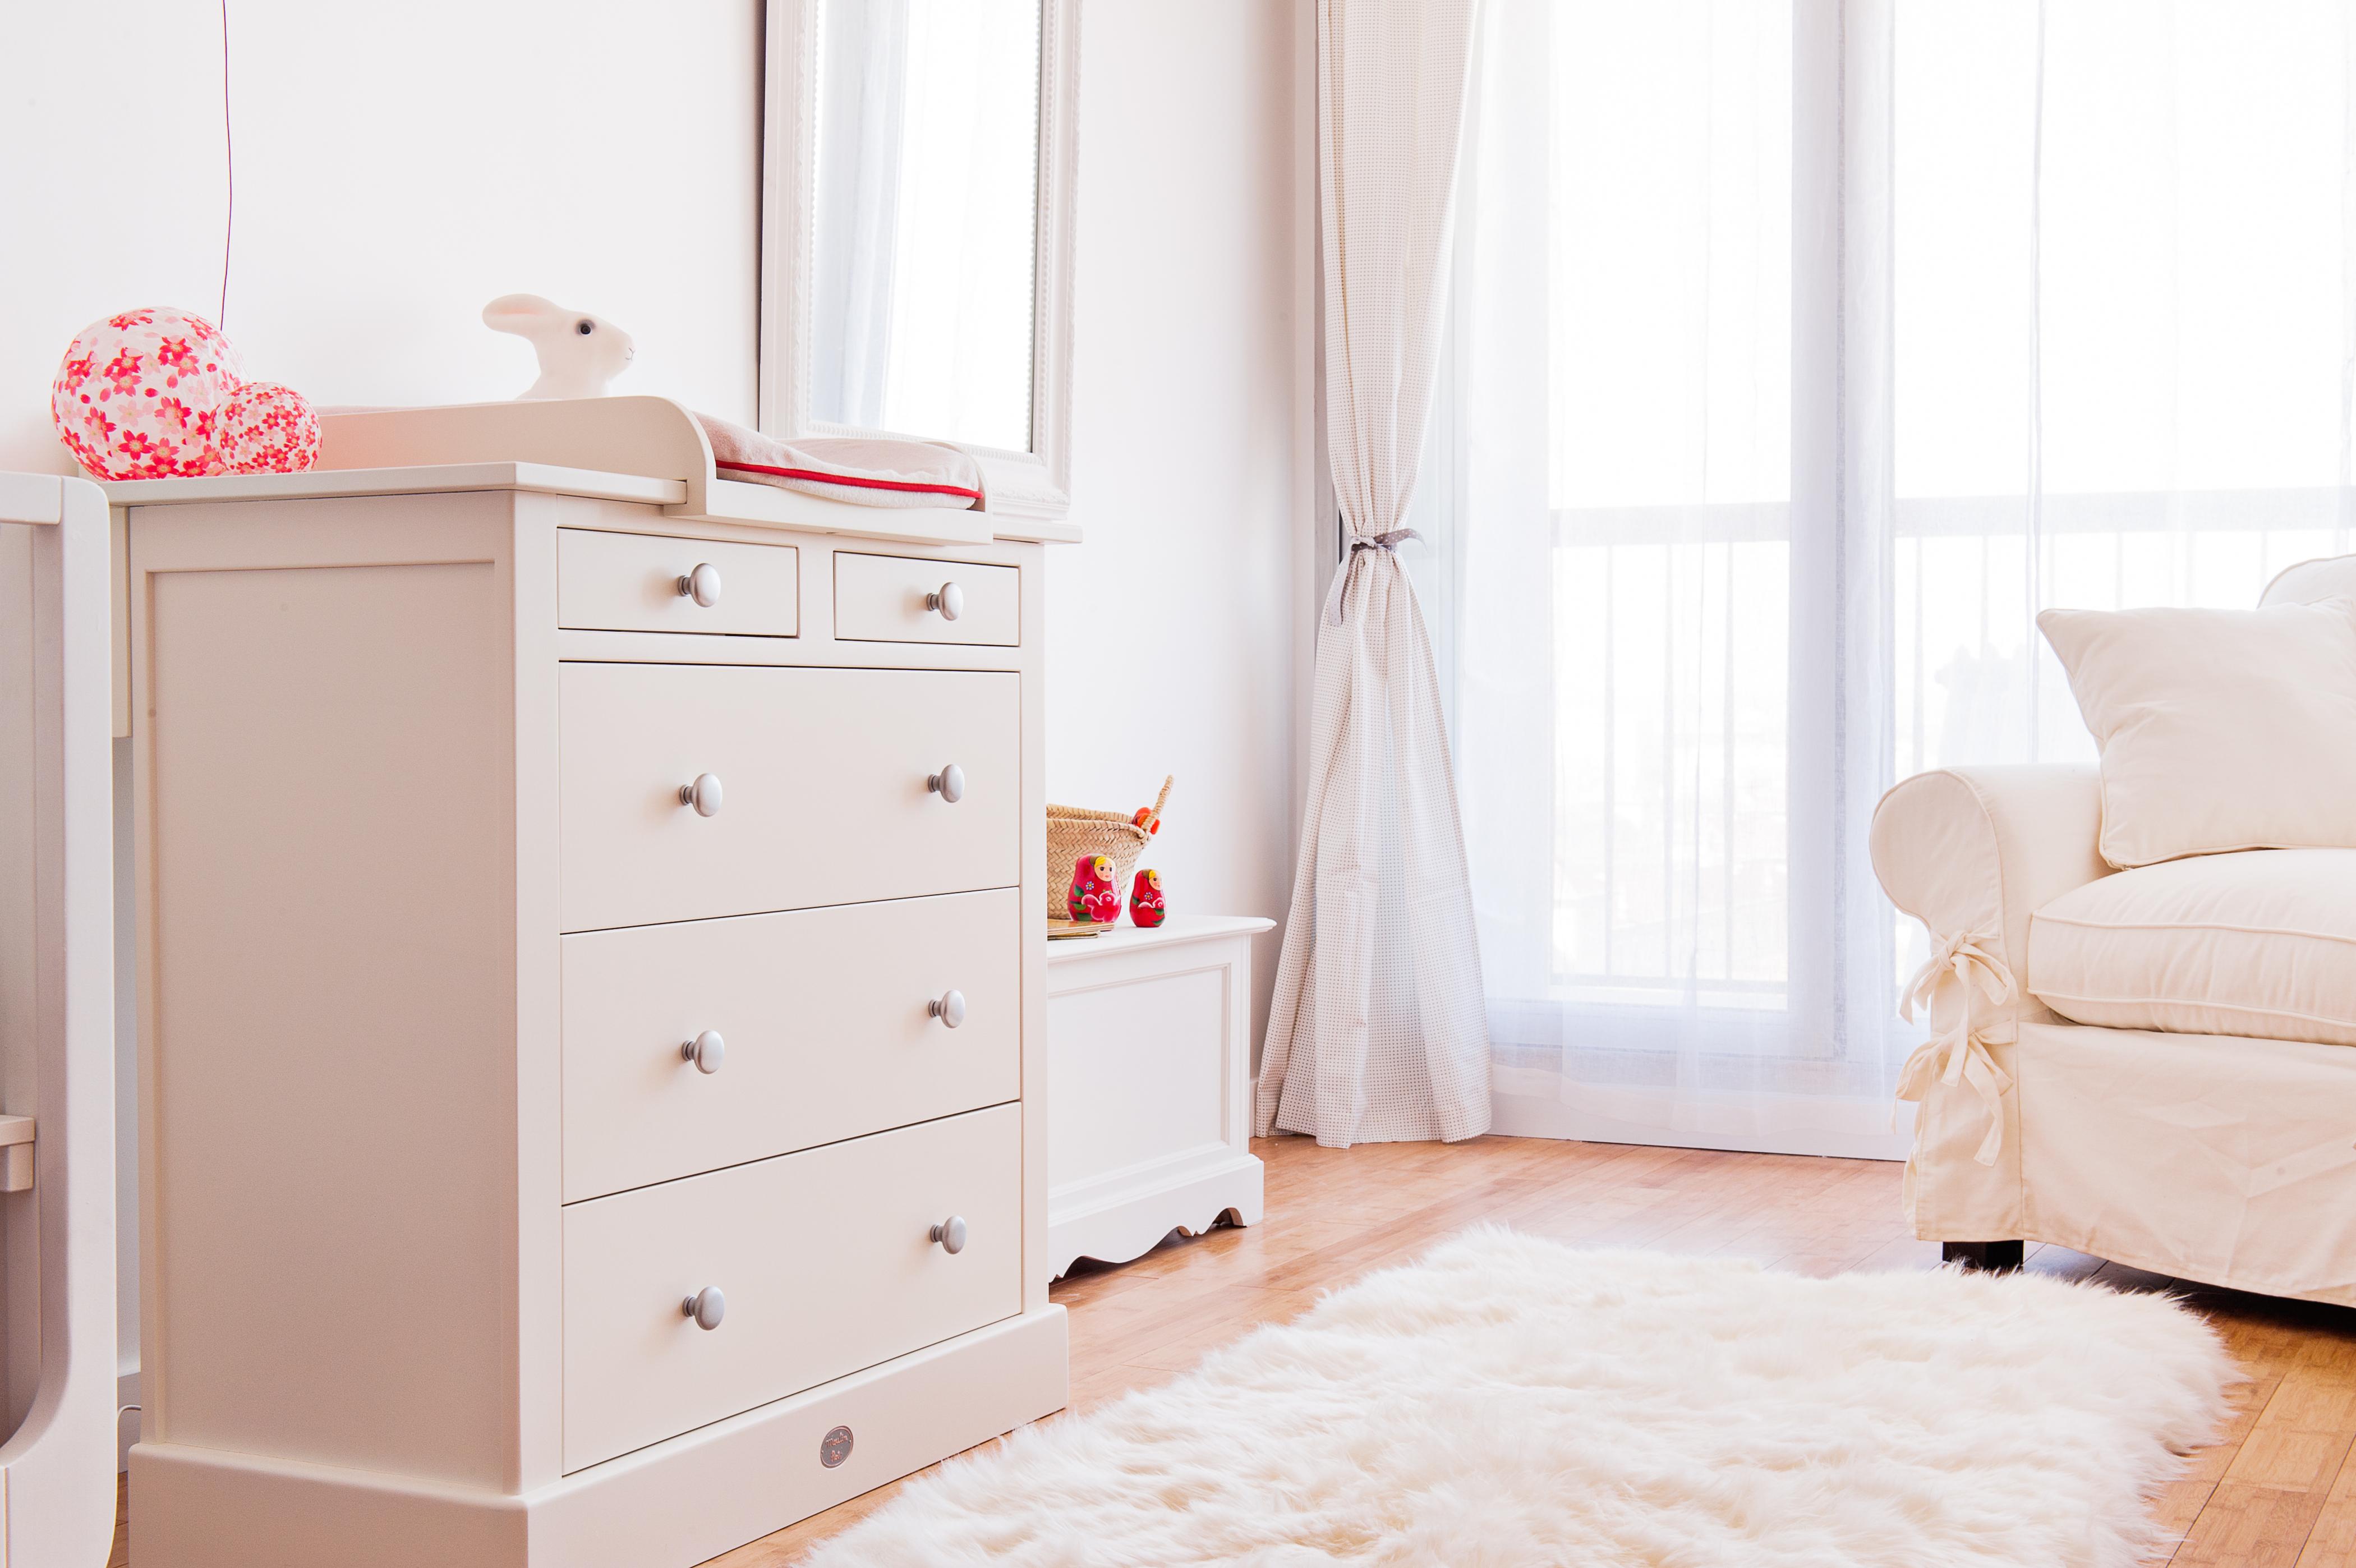 Chambre Bébé Cora : Chambre de bébé marion alberge décoratrice d intérieur